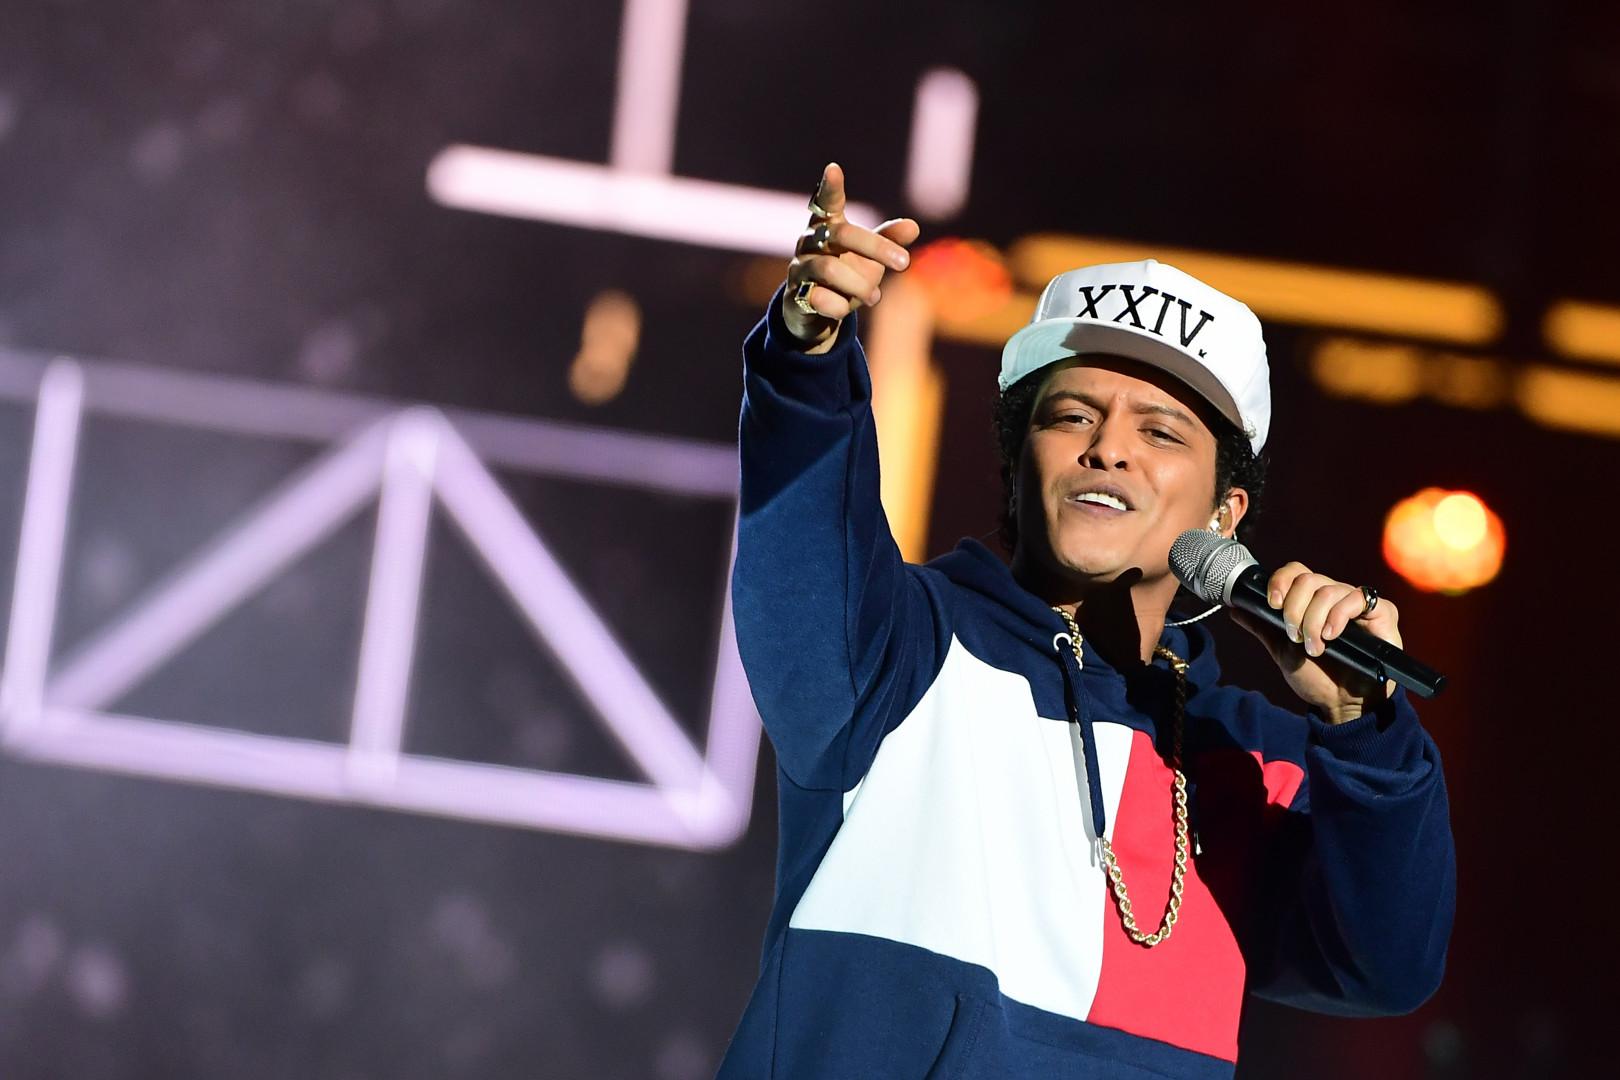 Bruno Mars, à l'occasion de la sortie de son nouvel album sera en tournée mondiale dès mars, avec le 31 à Lille, le 8 avril à Montpellier et les 5 et 6 juin 2017 à Paris.